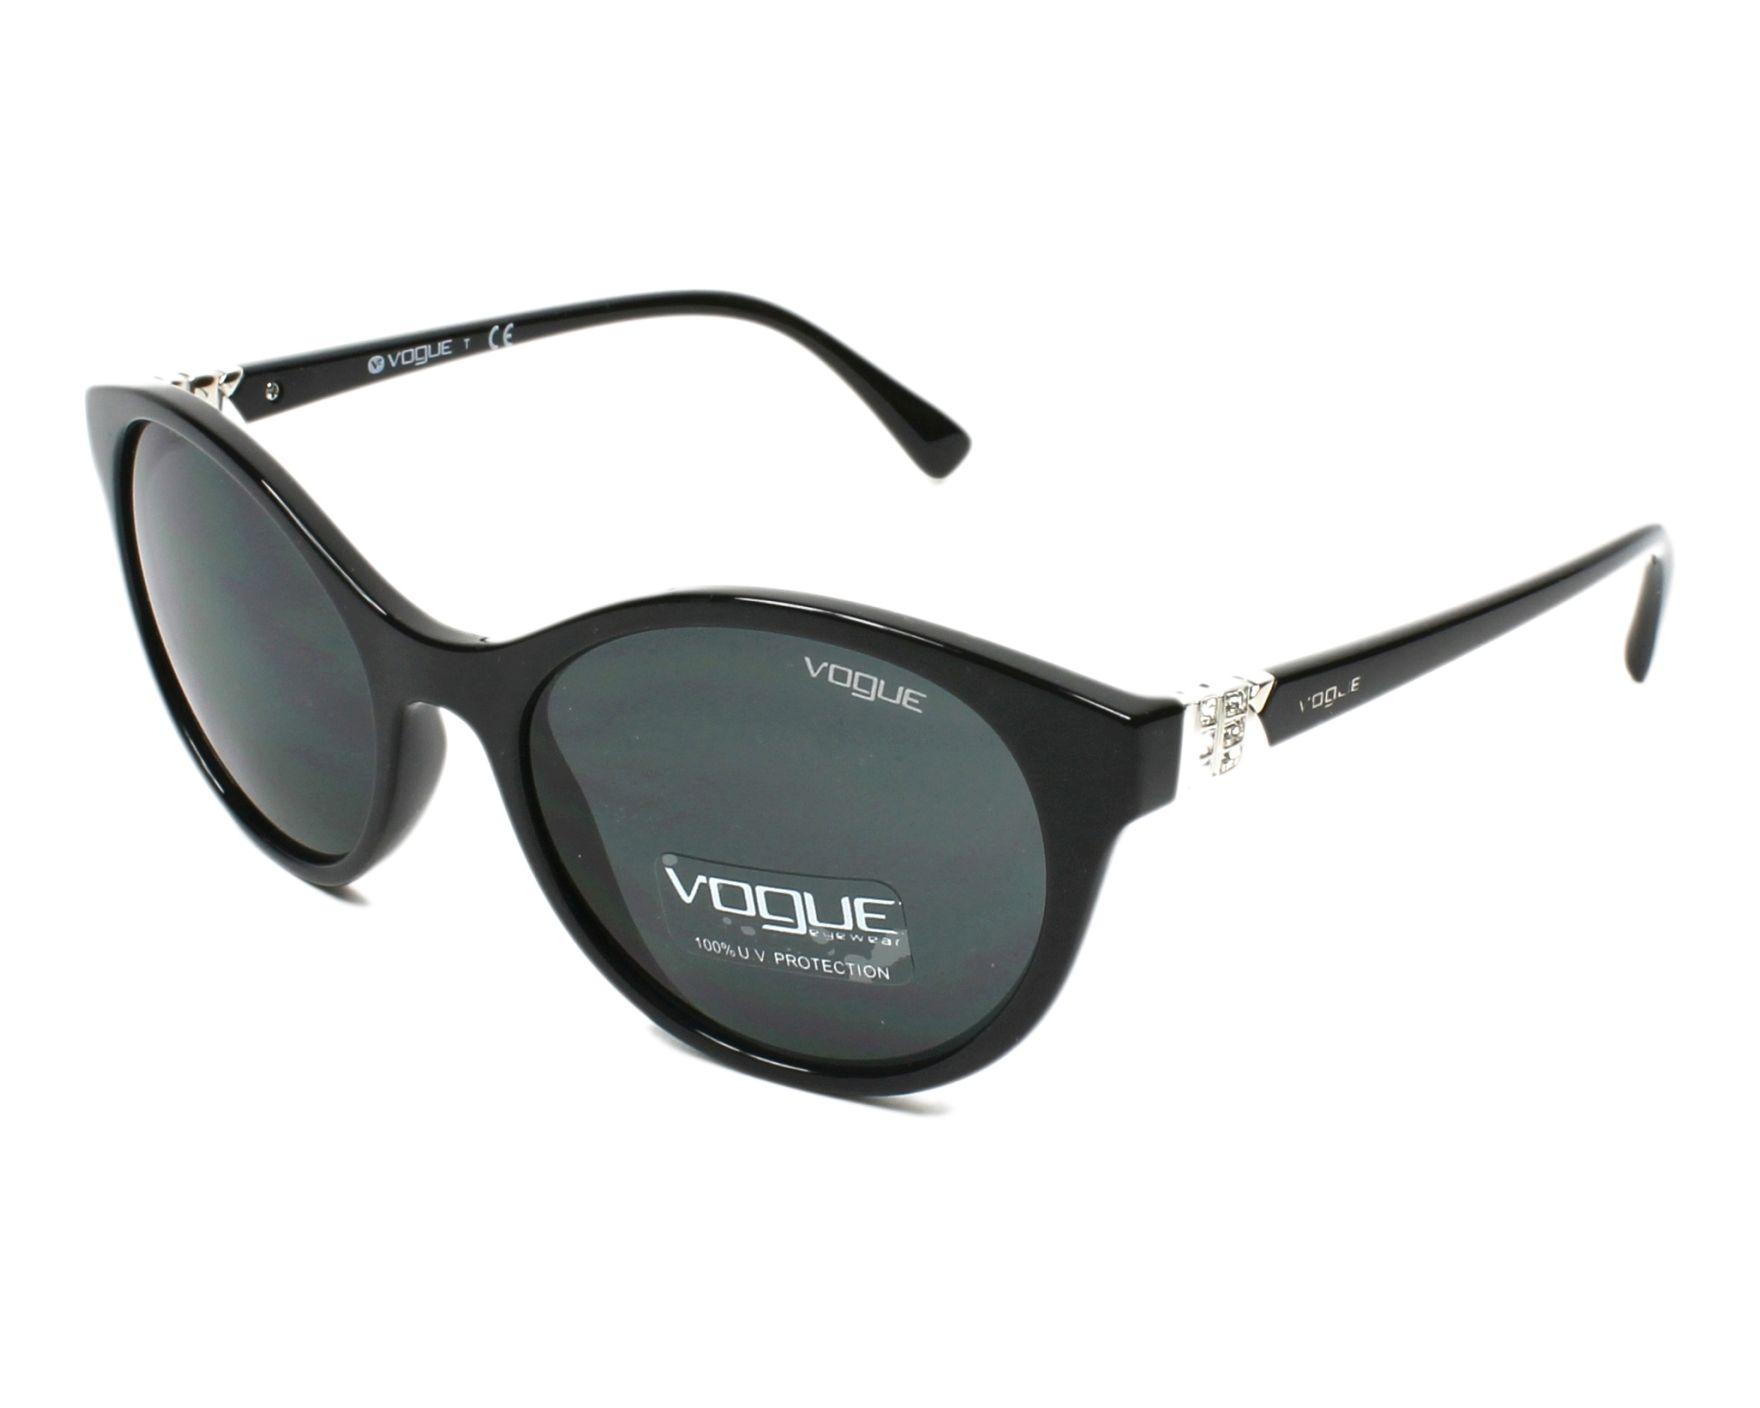 e96cd6289725e Sunglasses Vogue VO-5135-SB W44 87 52-18 Black profile view